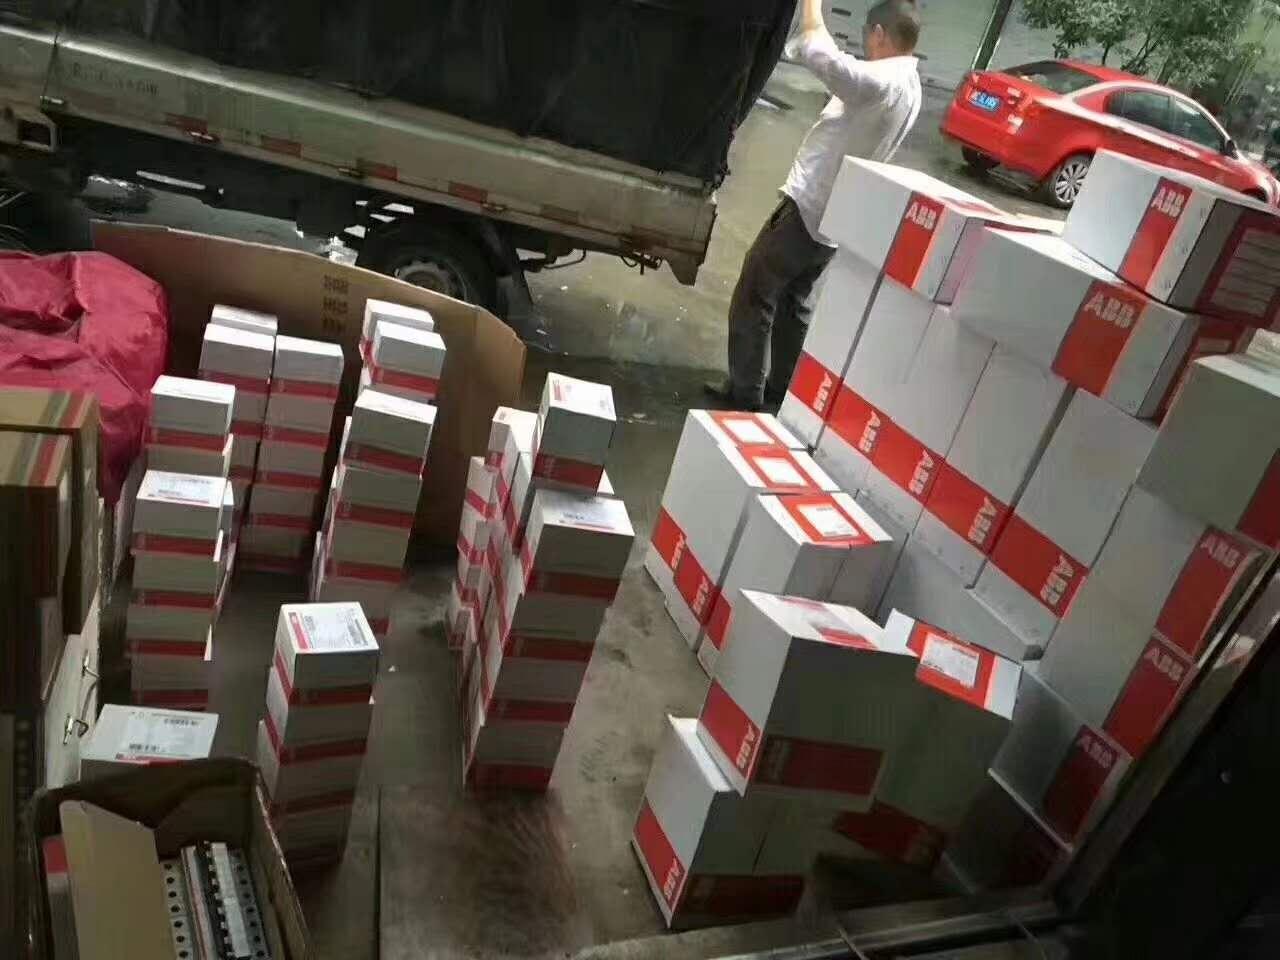 原装正品:陇南市西门子PLC模块专卖店—欢迎您